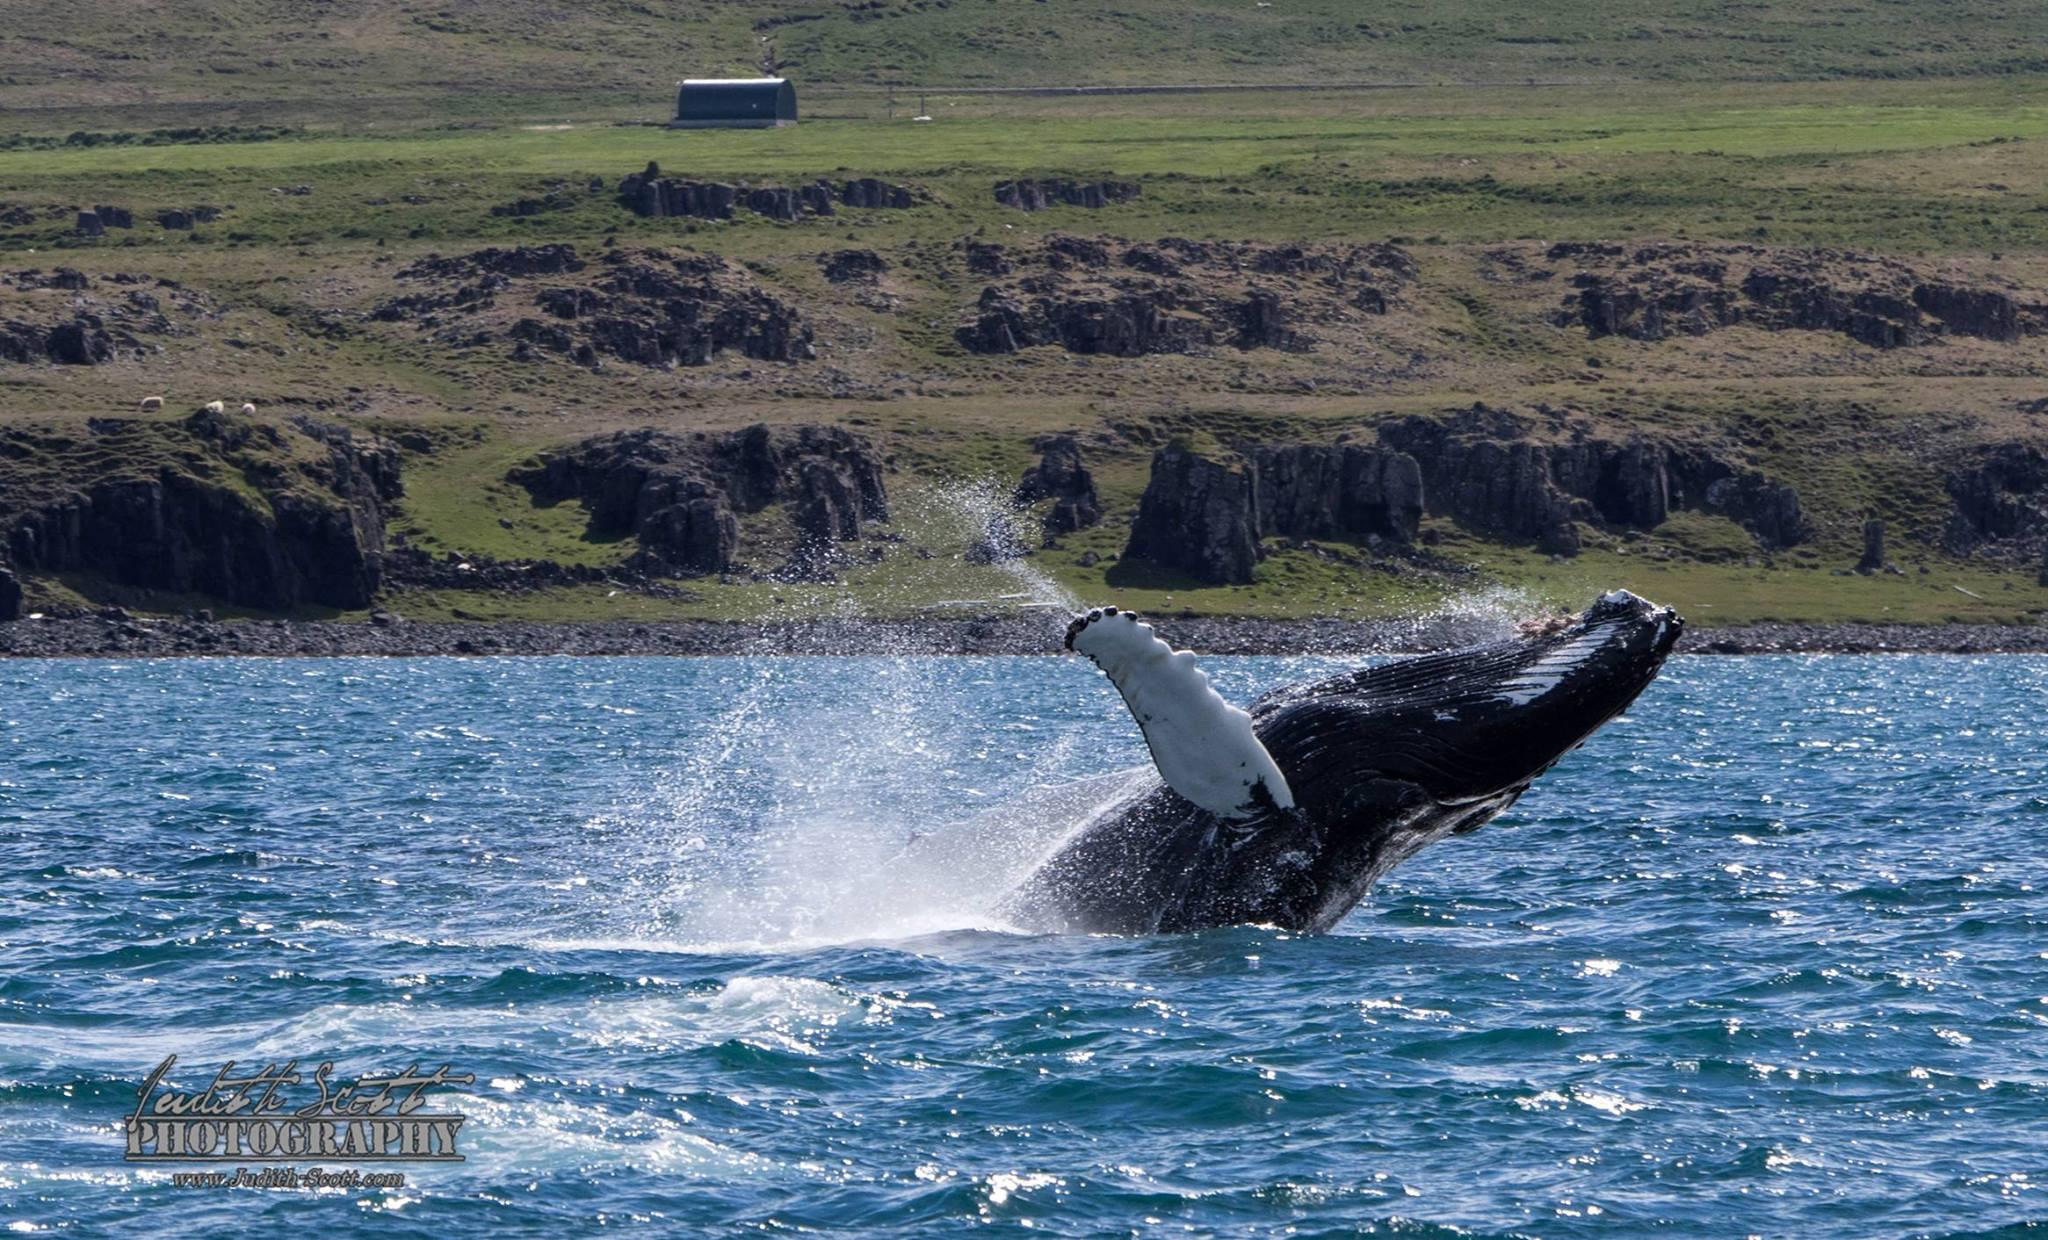 Humpbacks breaching